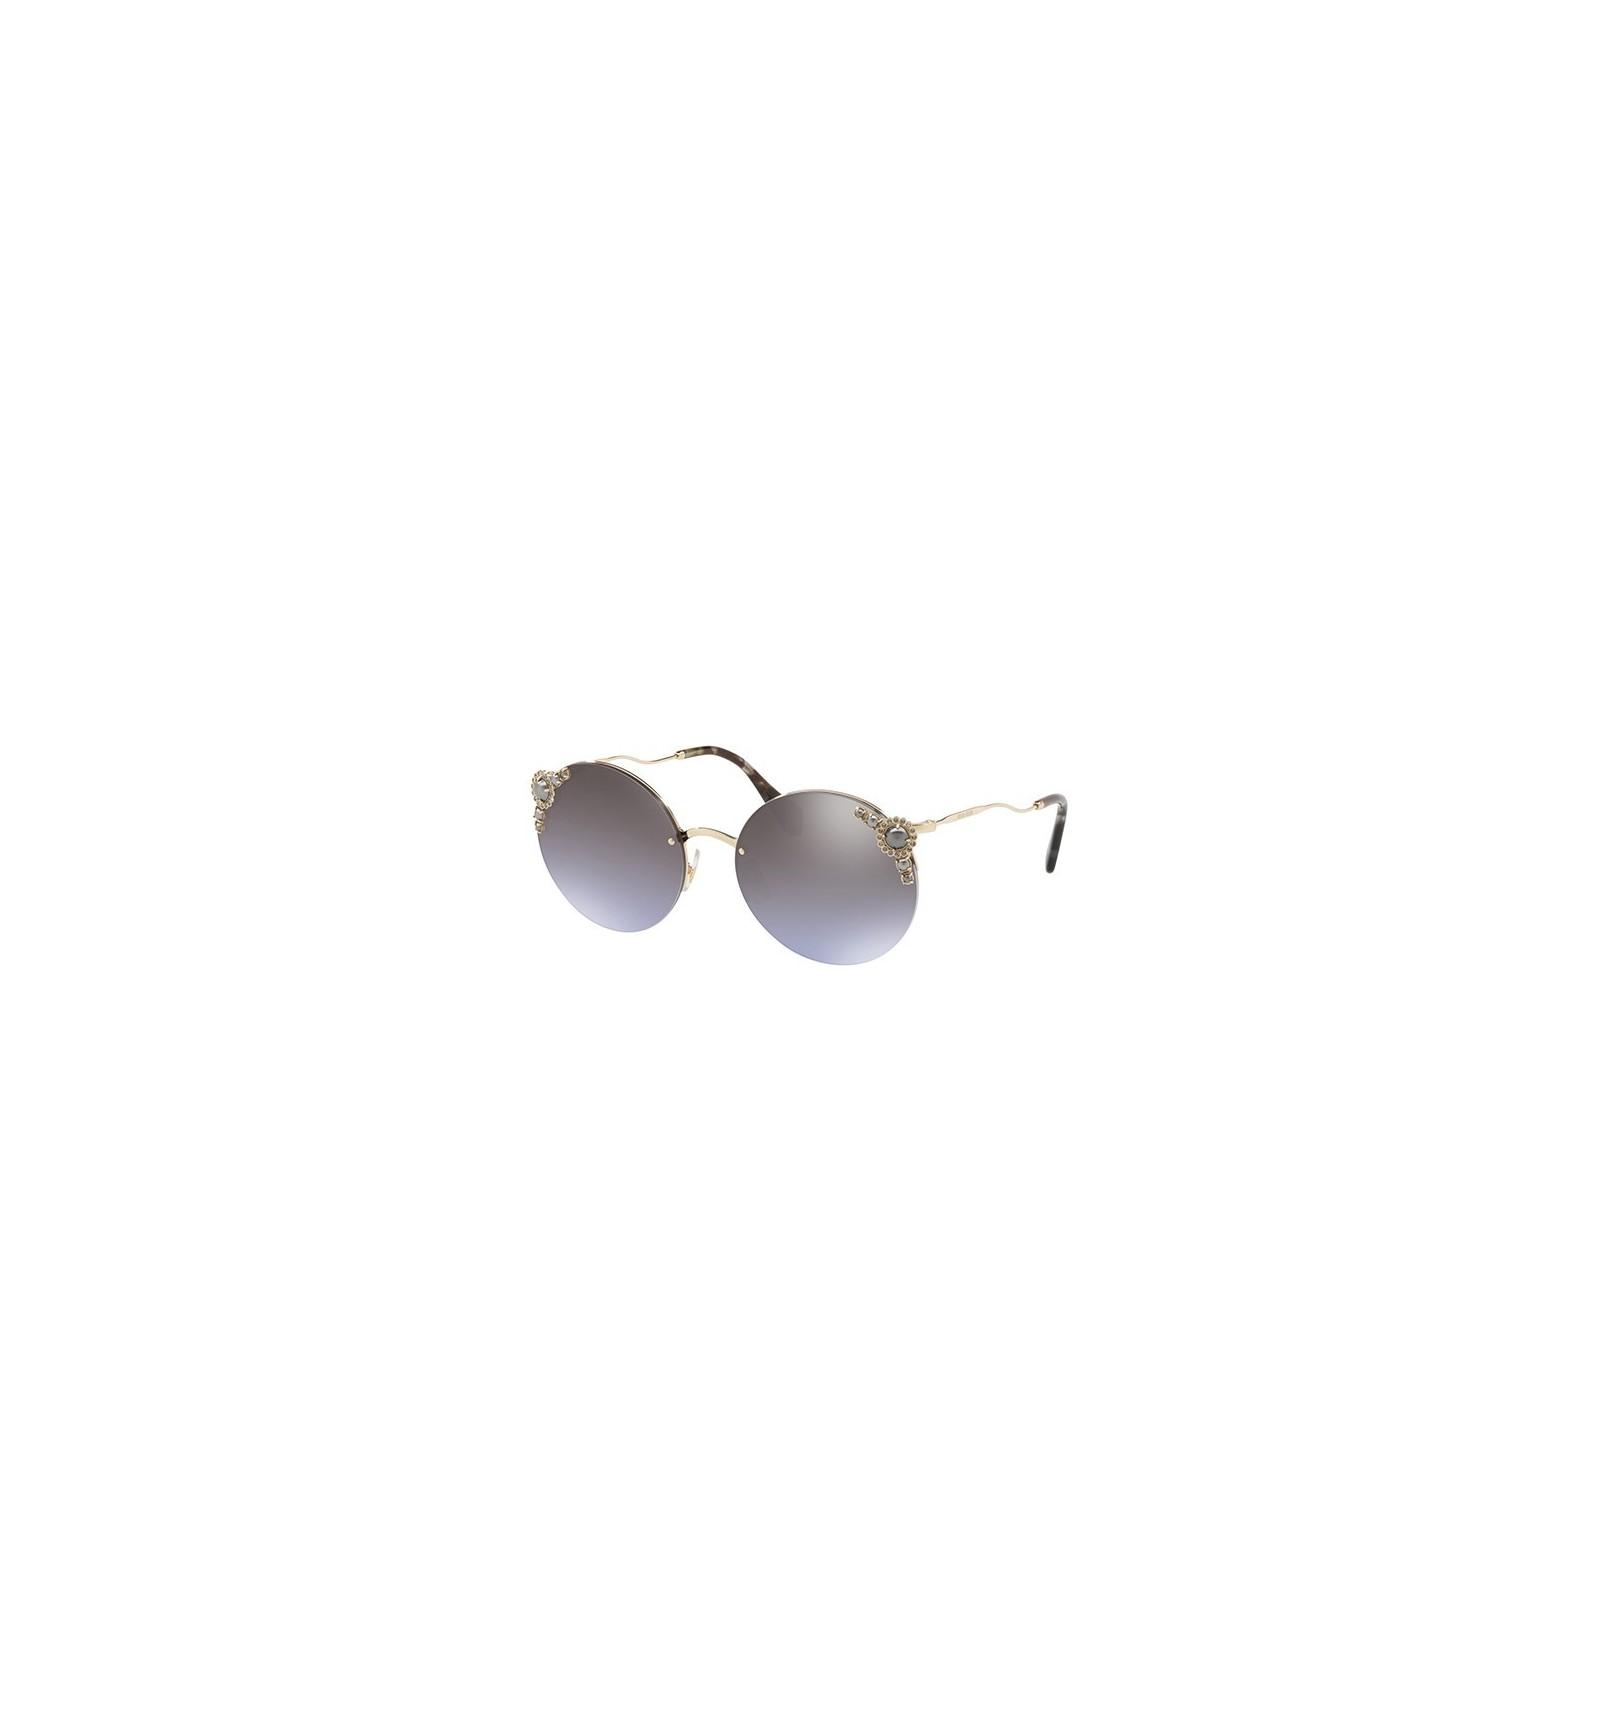 dd99a4e1105da Gafas de sol MIU MIU SMU52TS PEARL COLLECTION Pale Gold - Violet Silver  Shaded (WO4